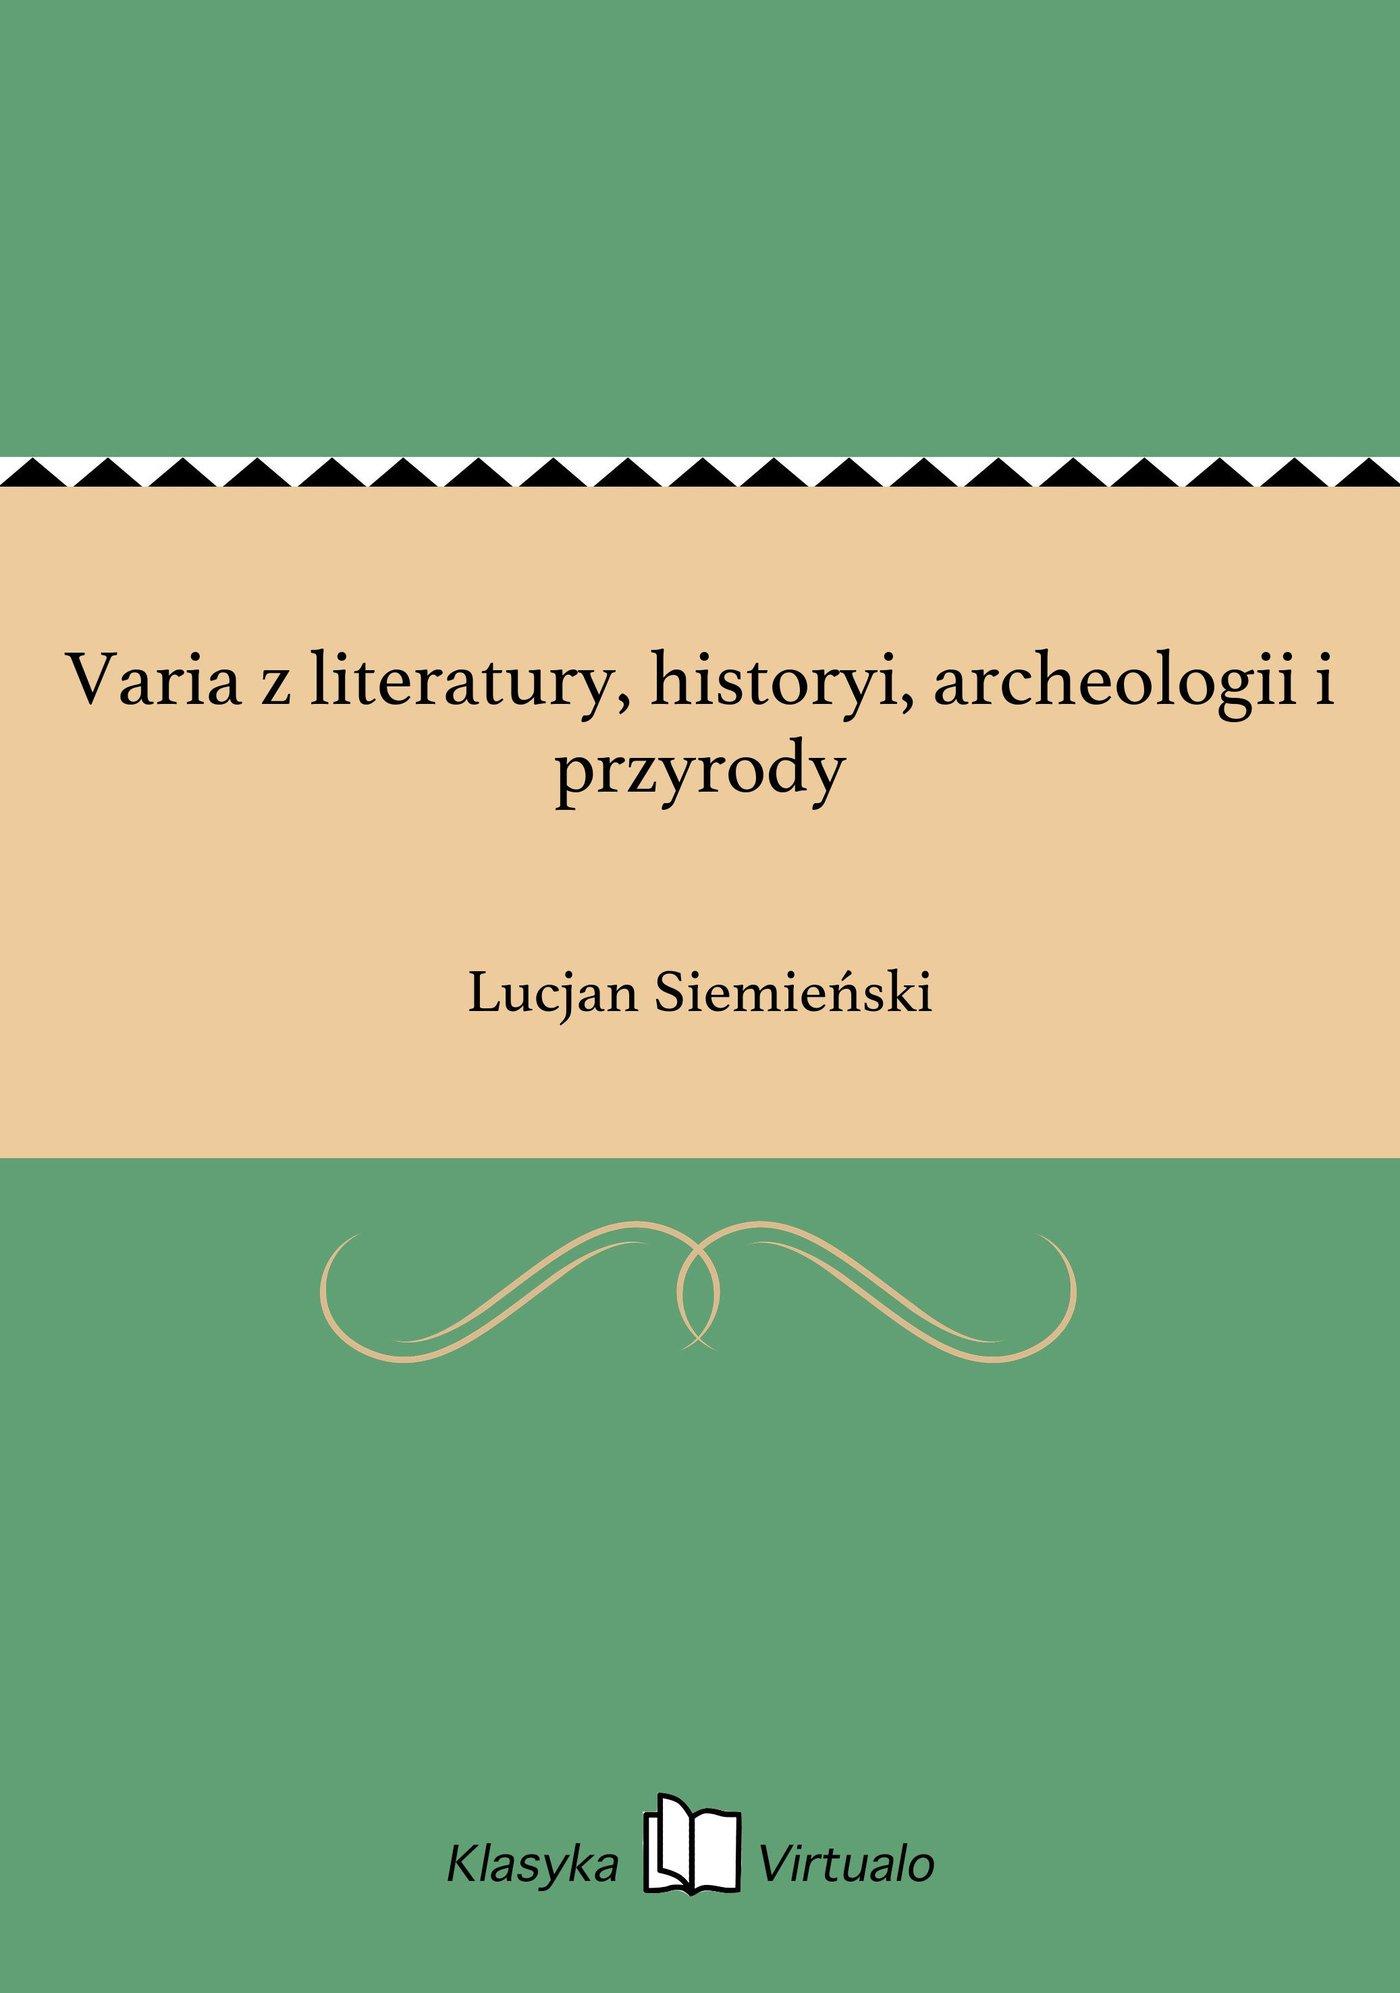 Varia z literatury, historyi, archeologii i przyrody - Ebook (Książka EPUB) do pobrania w formacie EPUB